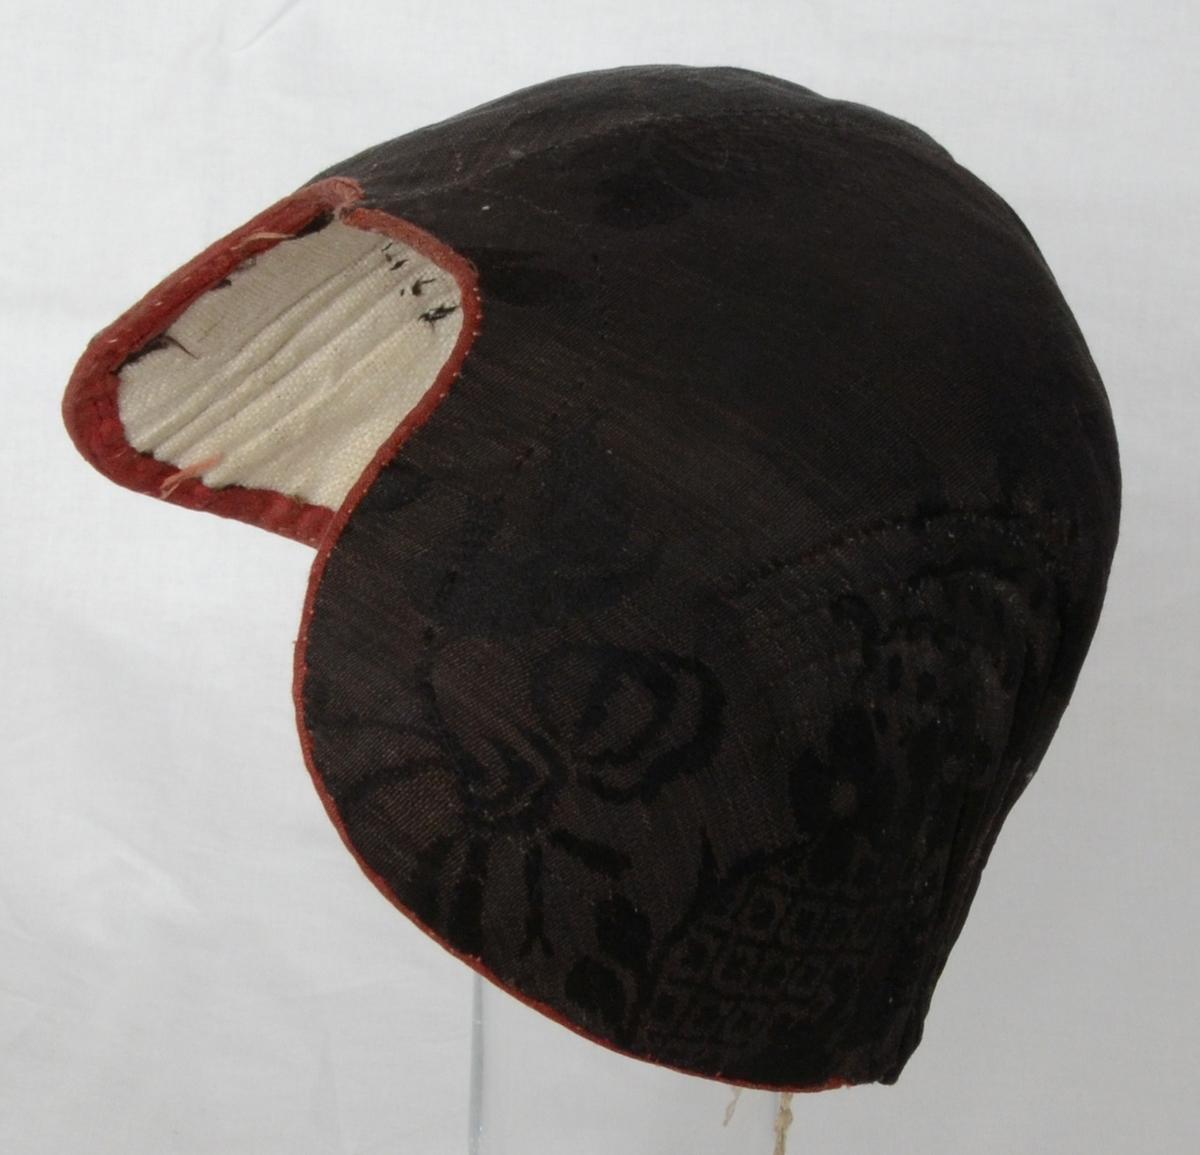 Bindmössa för kvinna av svart, blommigt siden med röd smal kant framtill och hopknutet snöre i nacken.